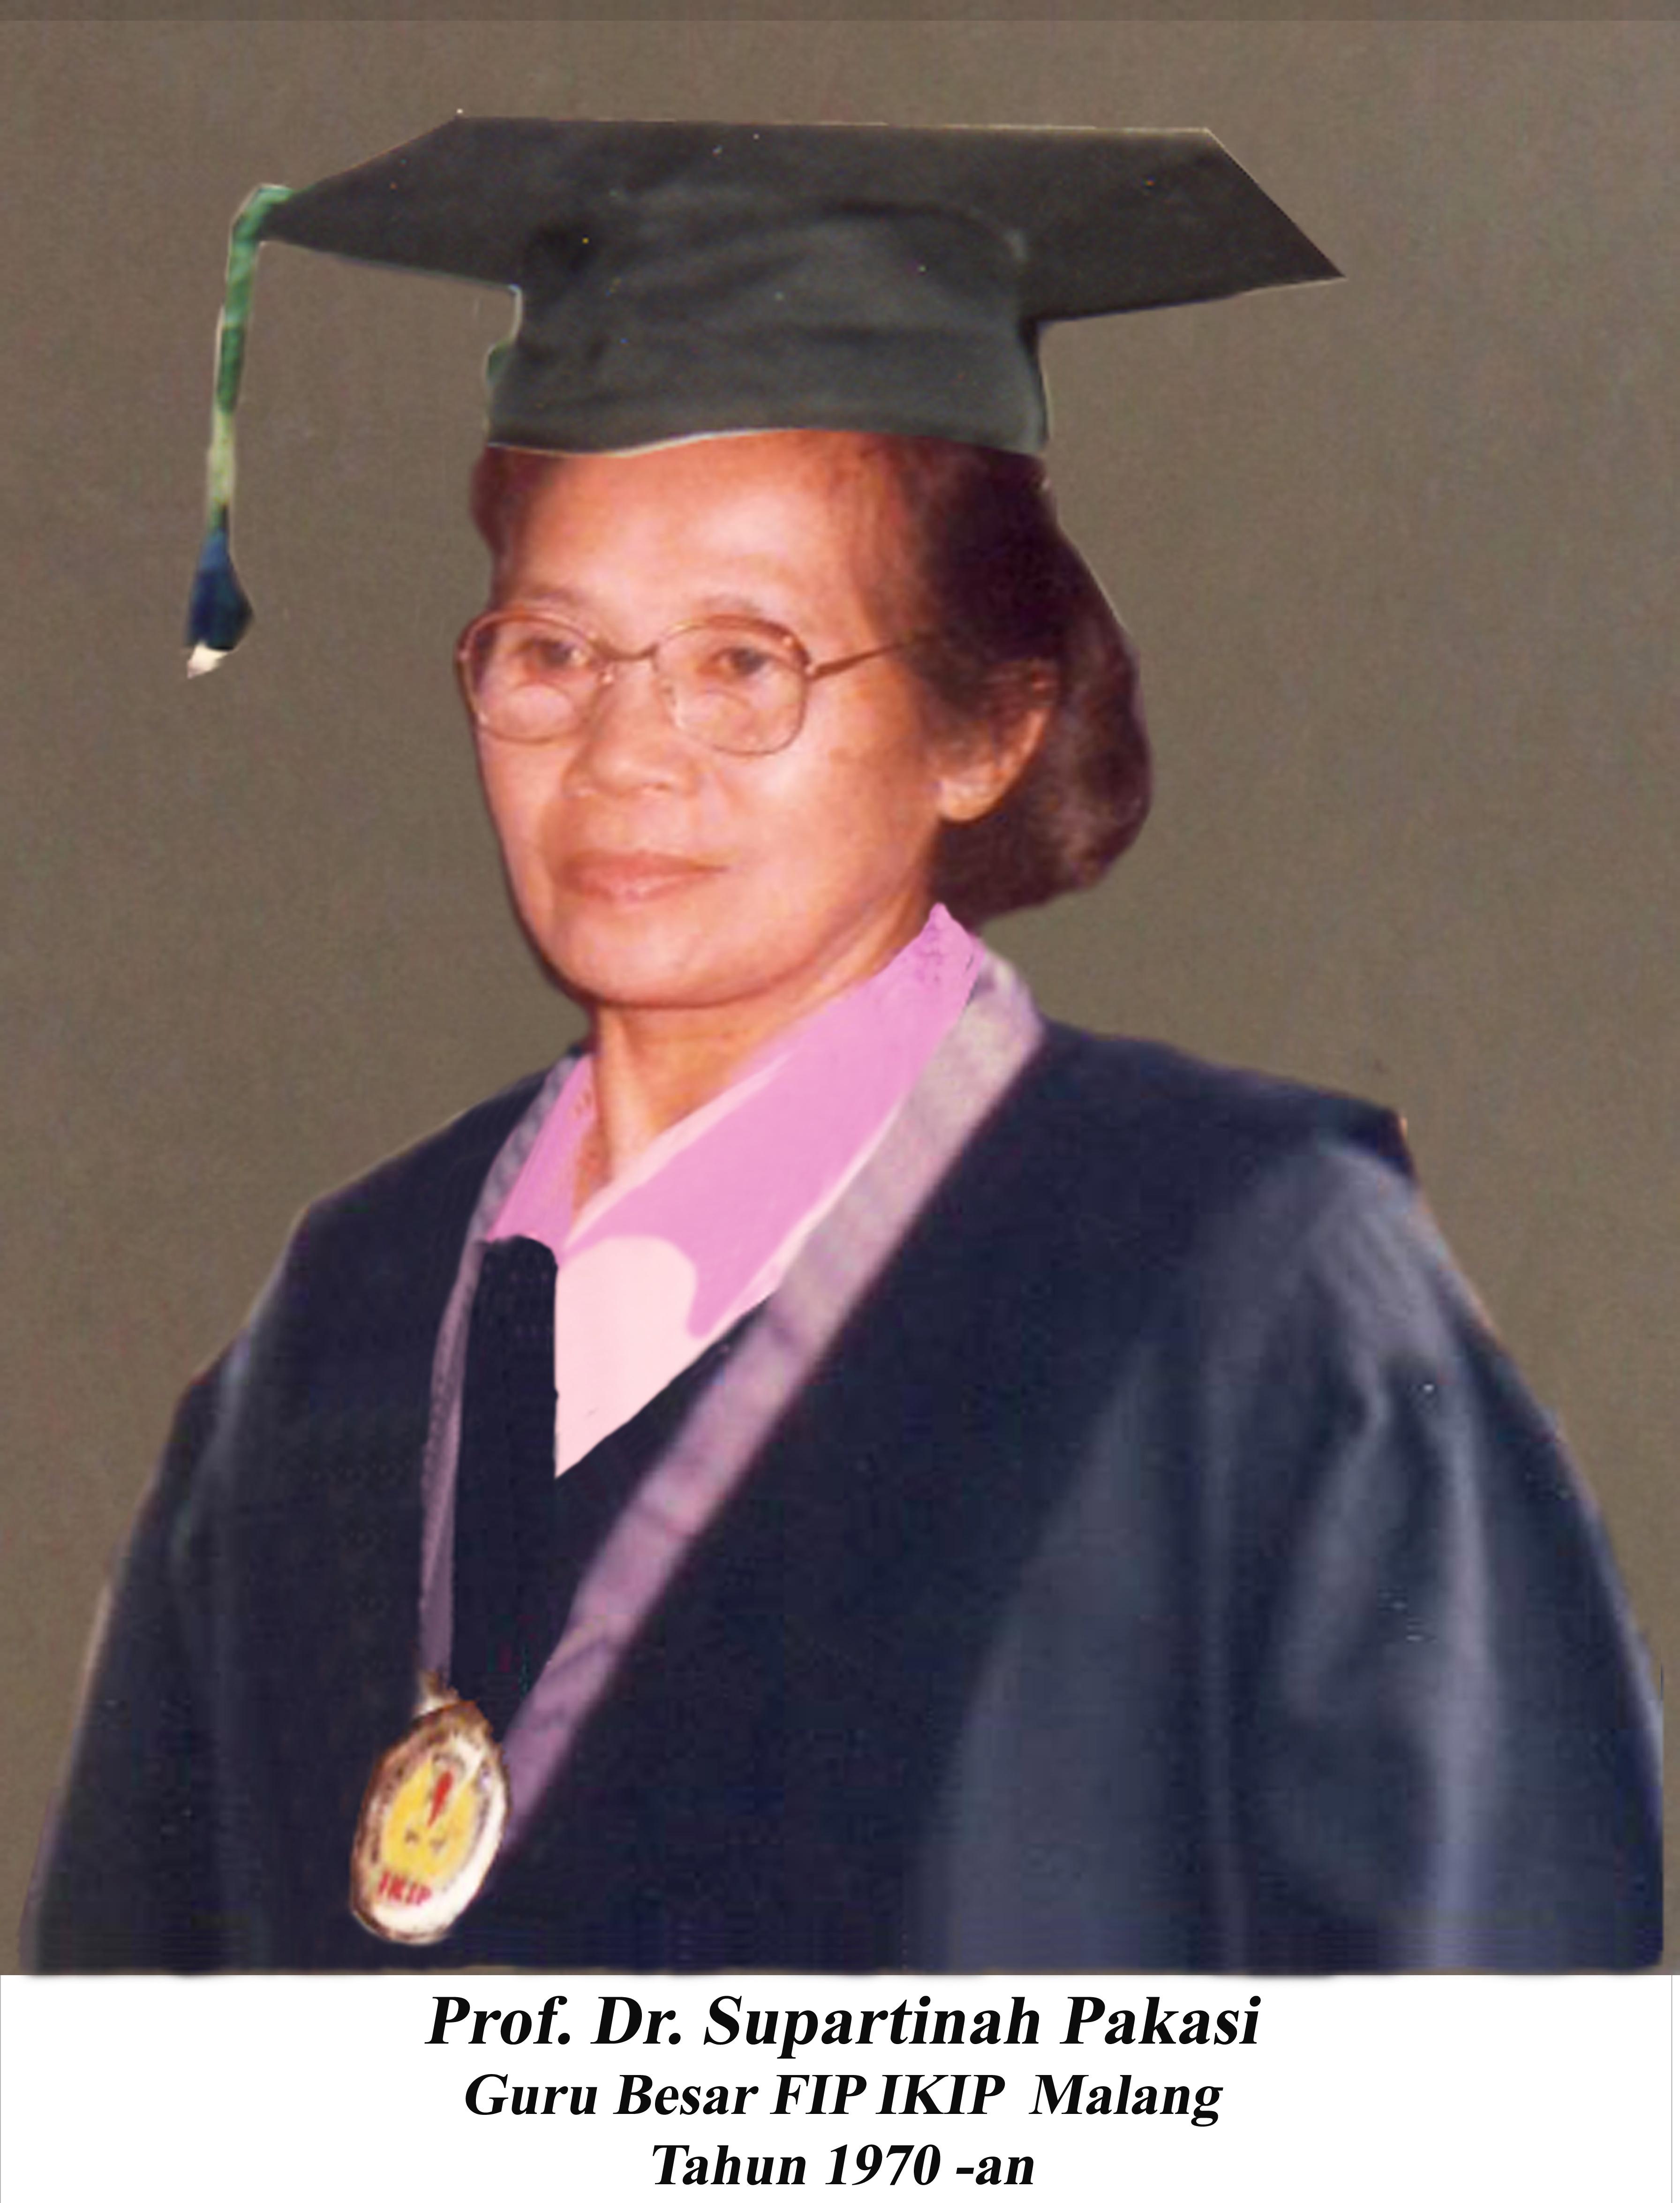 Prof. Dr. Supartinah Pakasi